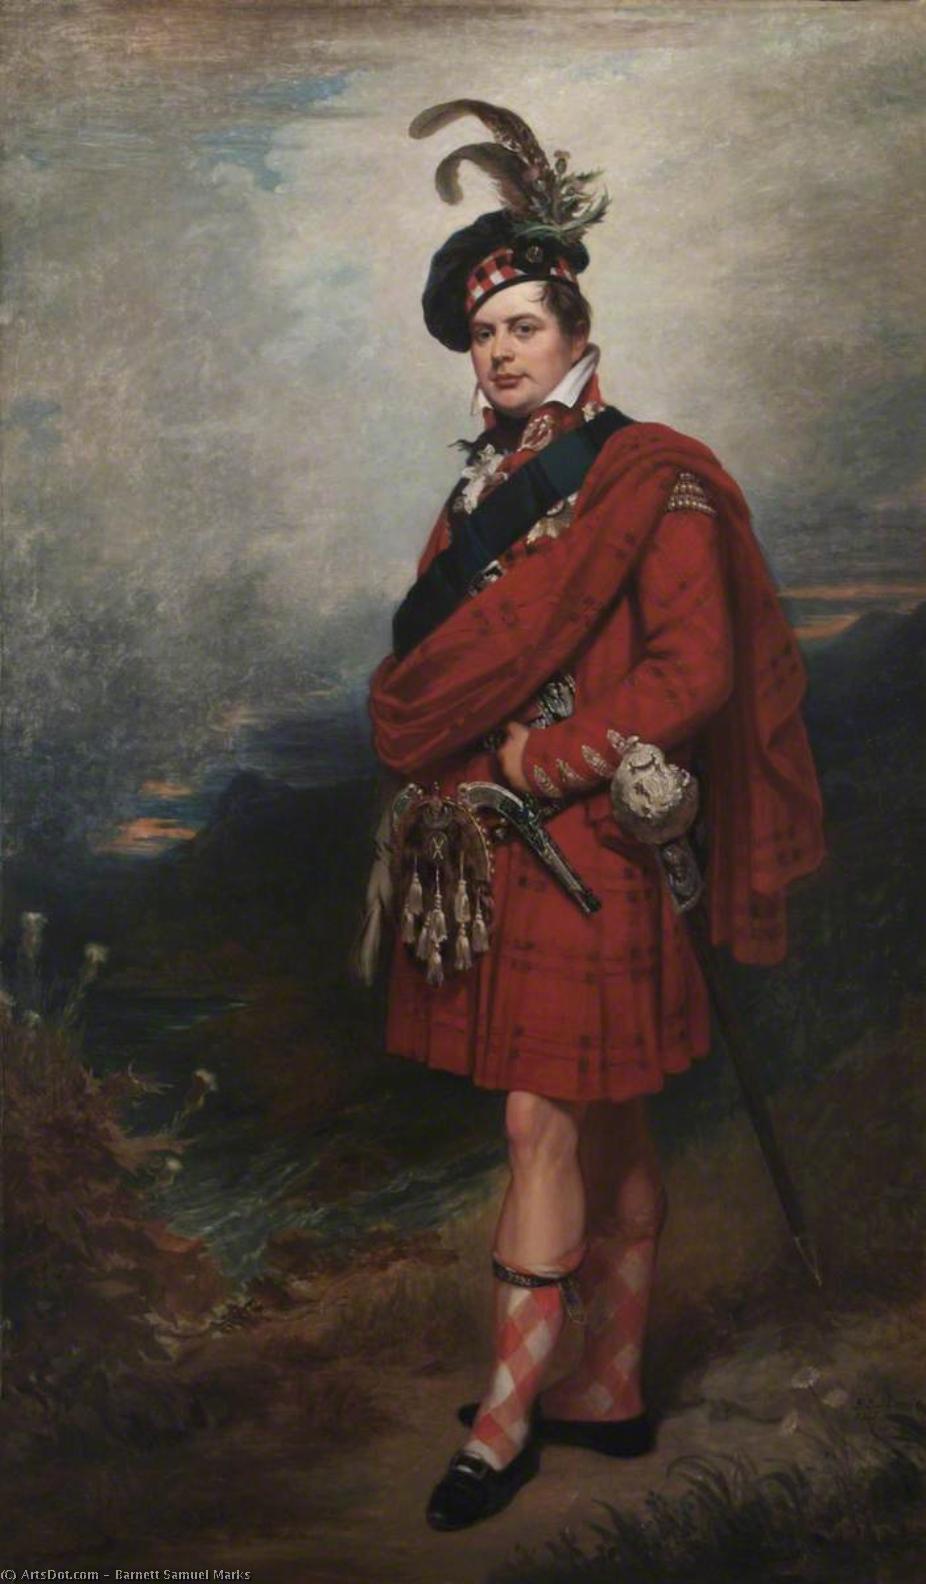 Barnett-samuel-marks-hrh-augustus-frederick-1773-1843-duke-of-sussex.Jpg